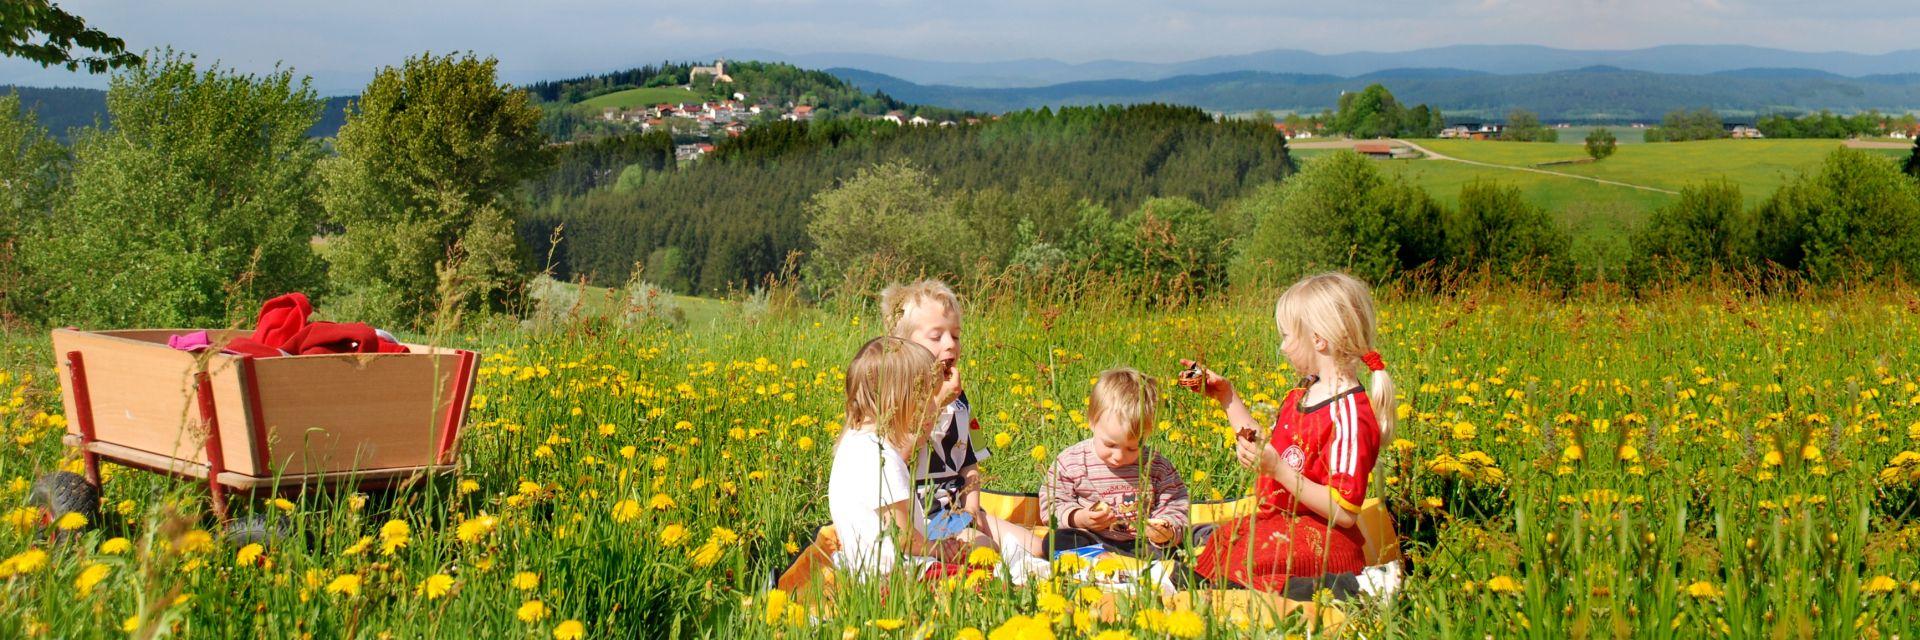 familien-kinderurlaub-bayerischer-wald-natururlaub-landschaft